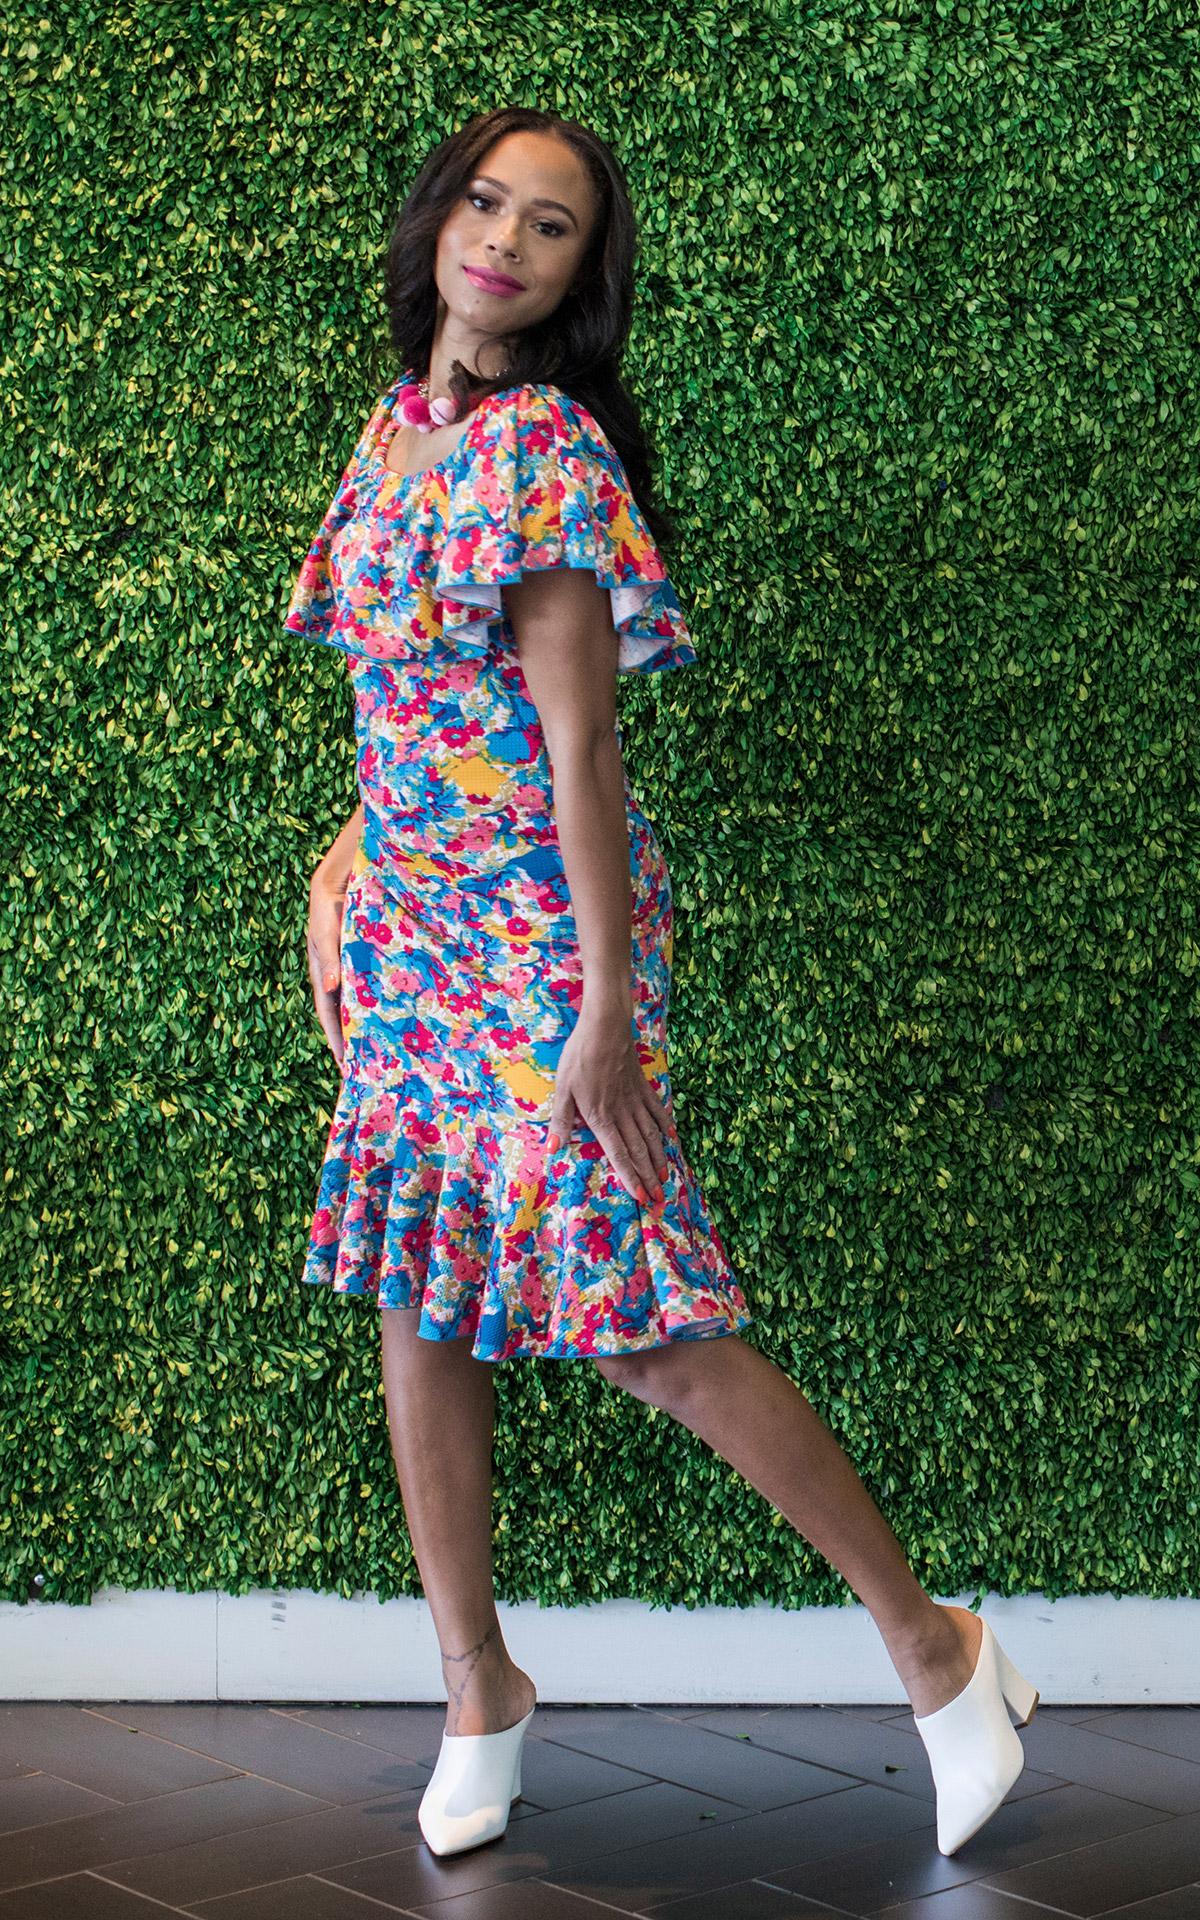 LuLaRoe-Cici-Flounce-tropical-dress-colorful.jpg